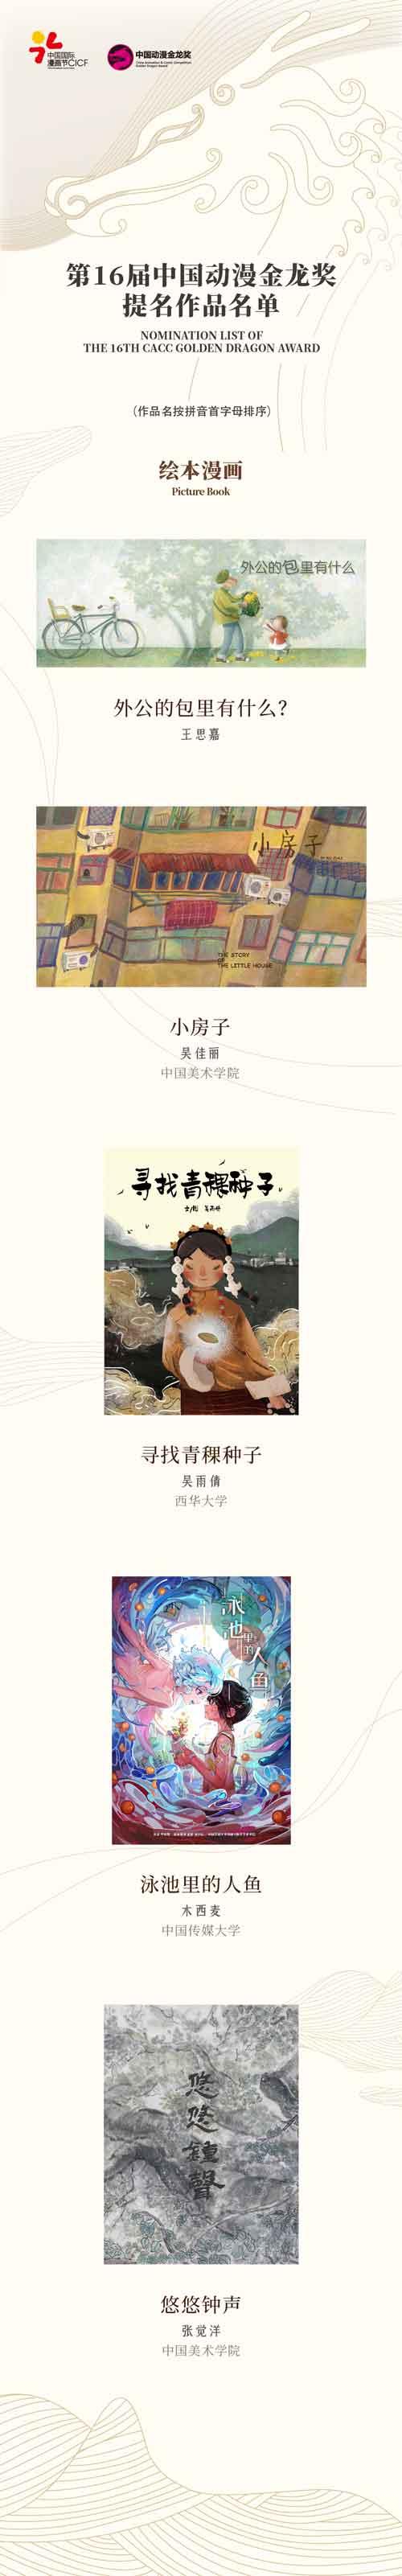 第16届中国动漫金龙奖提名名单揭晓! 原创专区-第2张